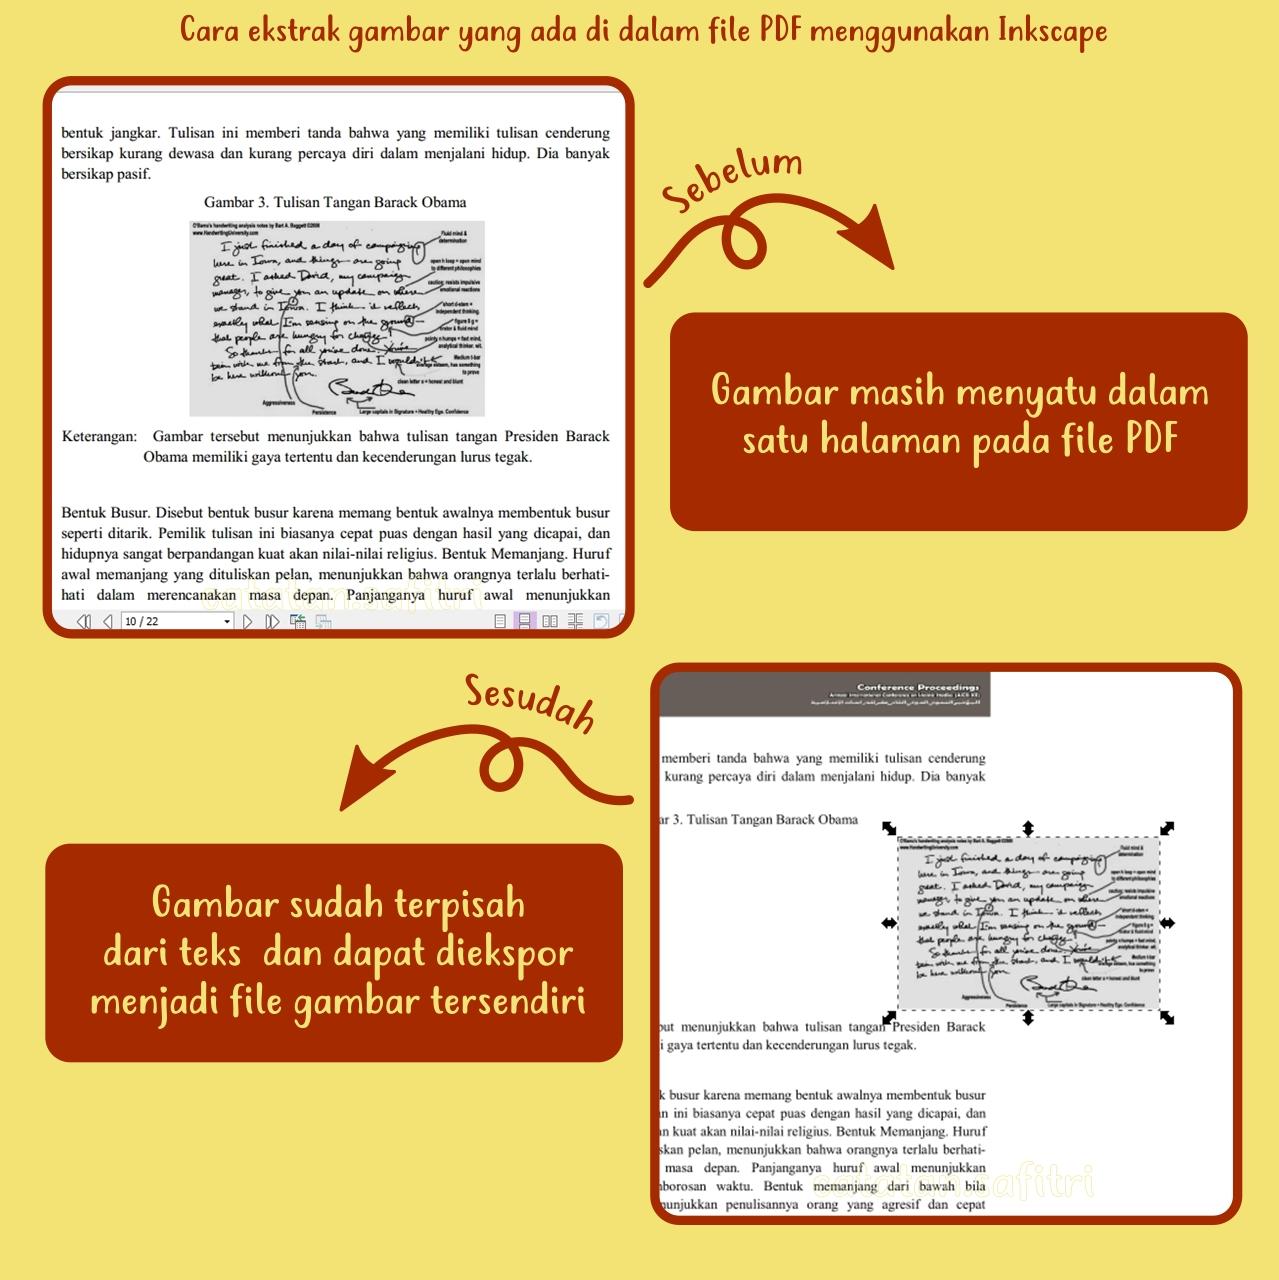 Cara Ekstrak Gambar Yang Ada Di Dalam File PDF Menggunakan Inkscape